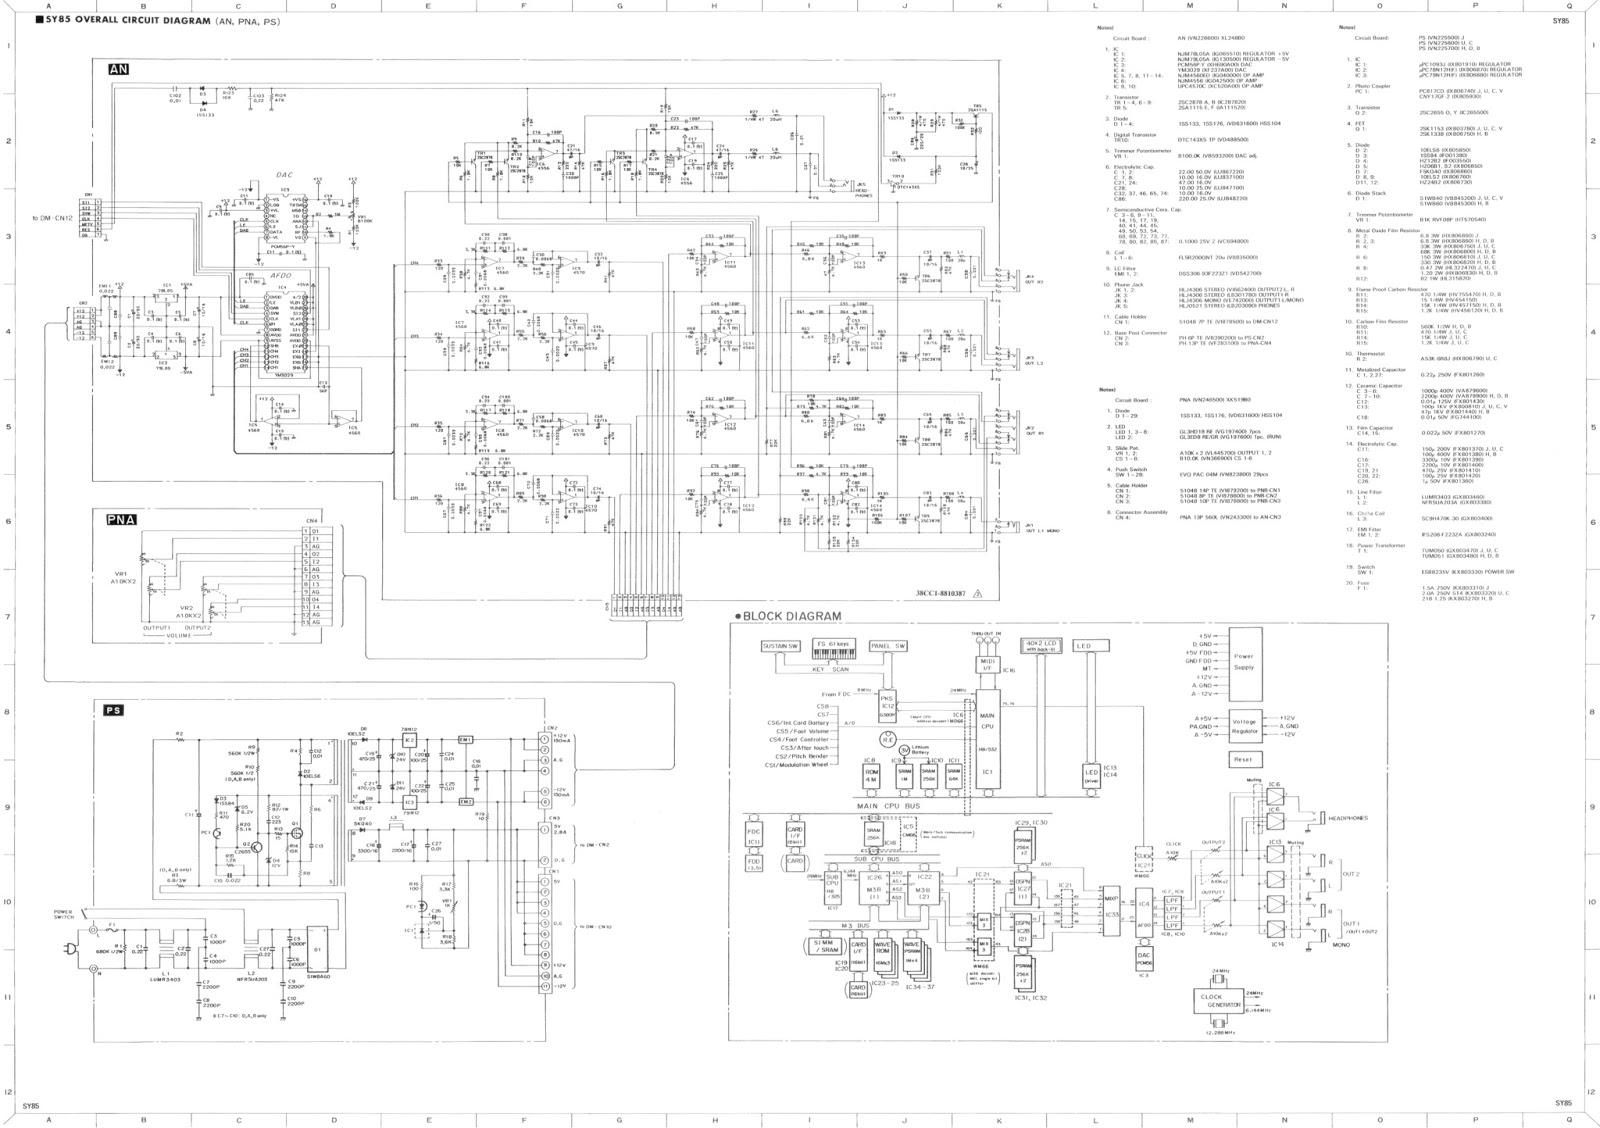 Elektrania: Yamaha SY 85 Technical Data Schematics